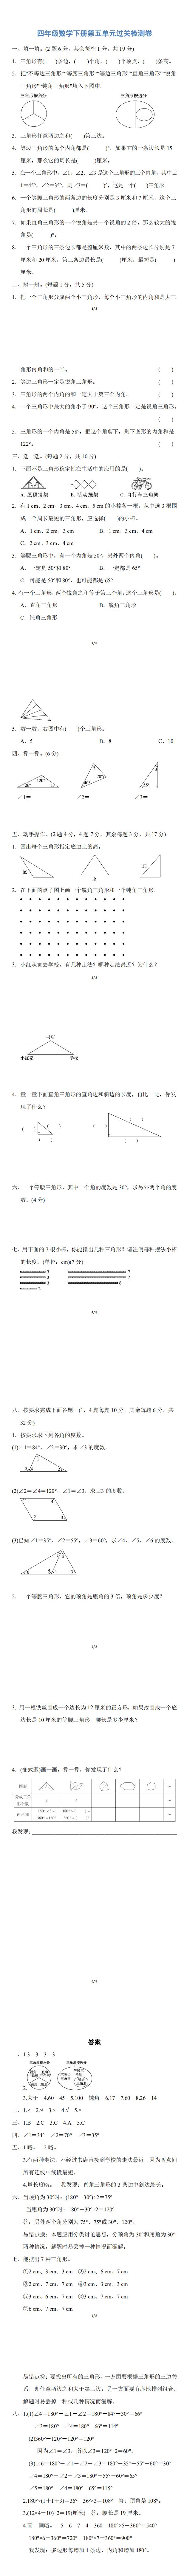 人教版4年级数学下册第五单元过关测试卷及答案_0.png